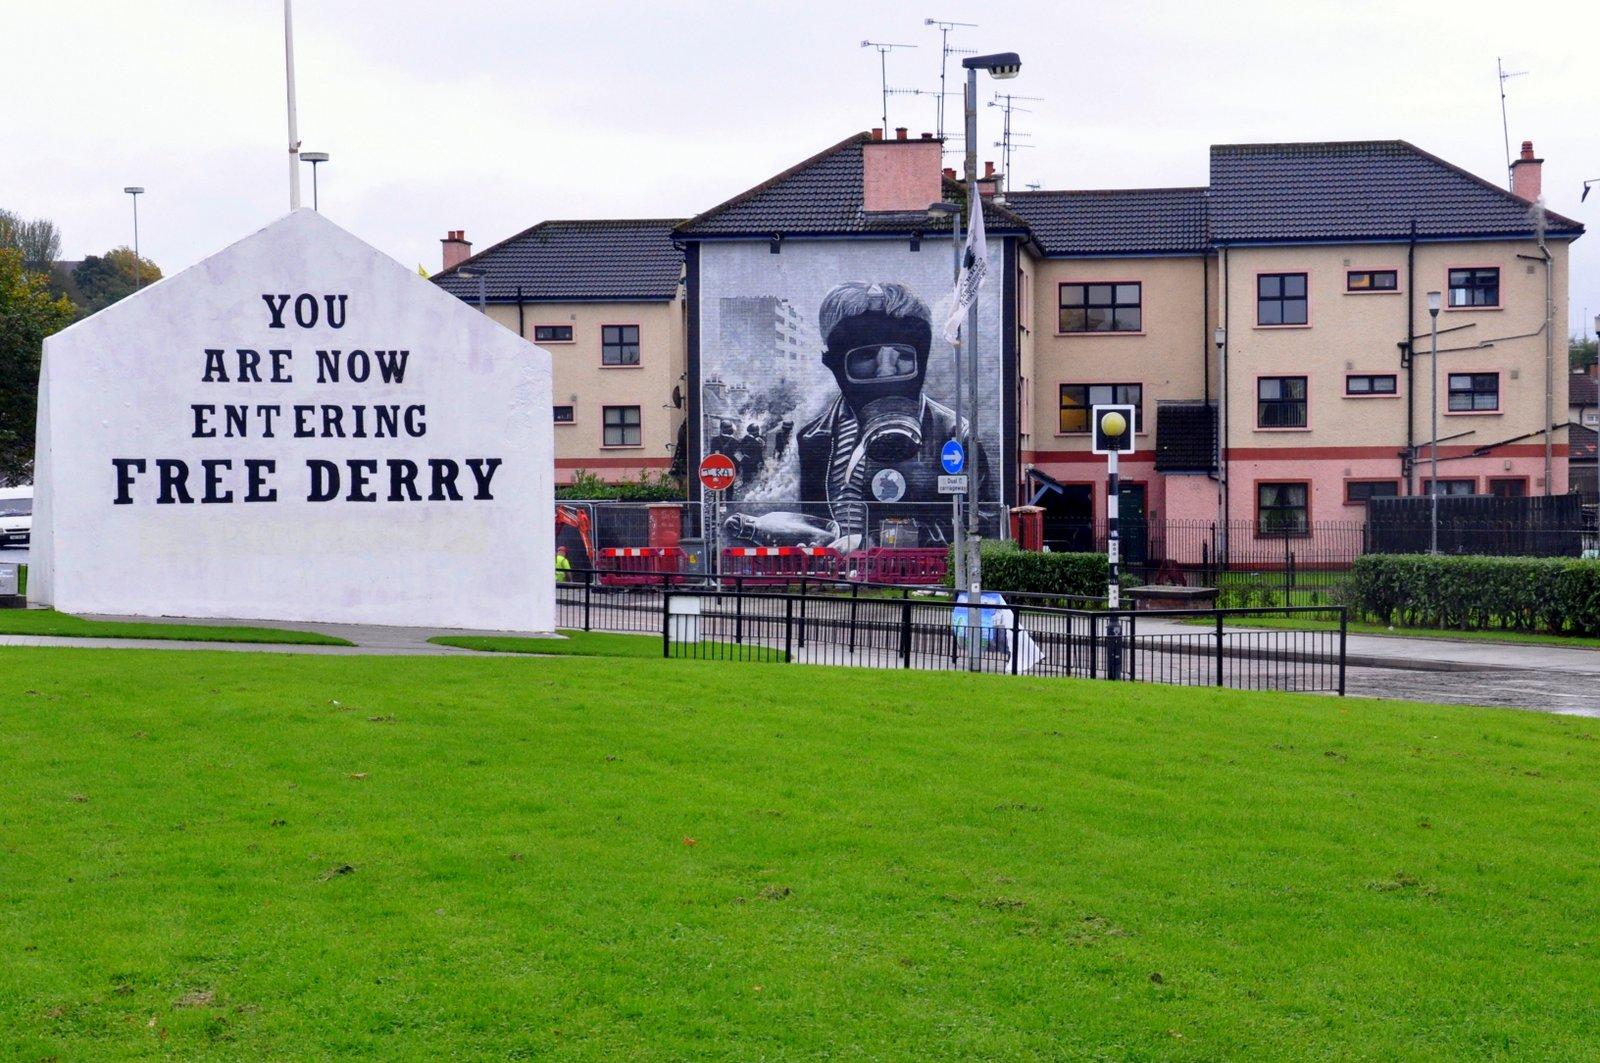 La esquina libre de Derry en Derry